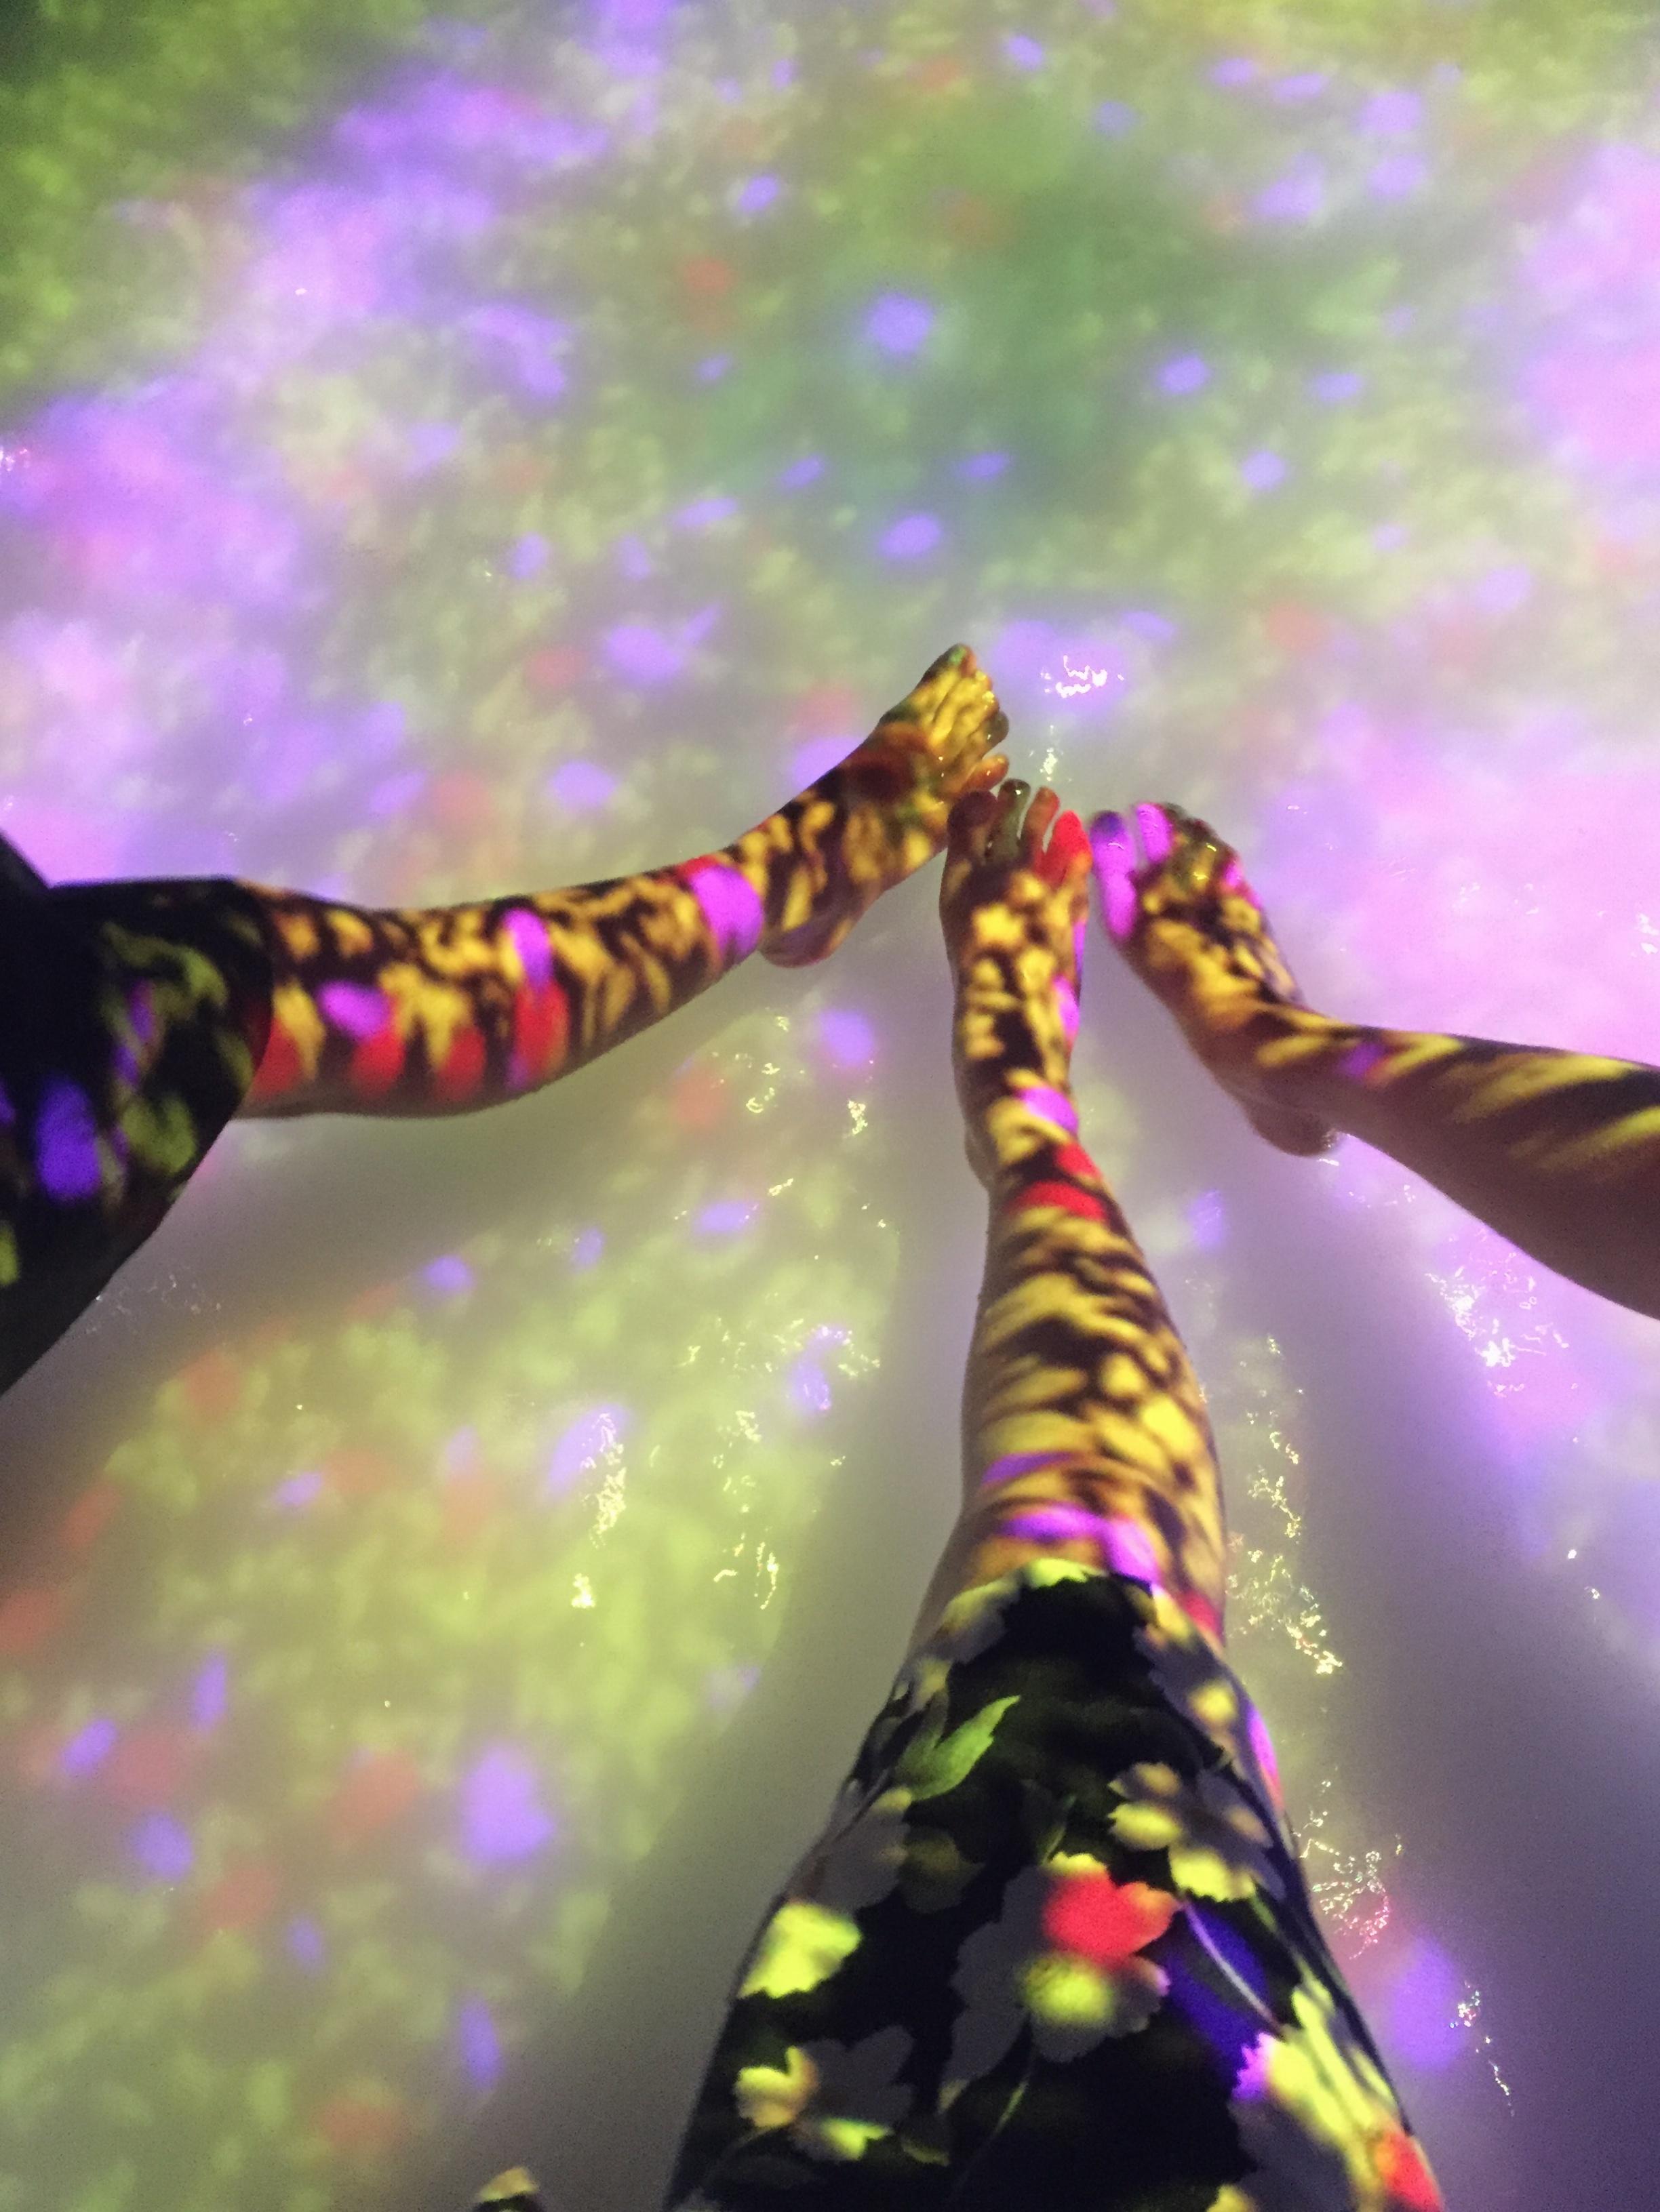 【夏のお出掛けスポット/DMM.プラネッツ Art by teamLab】水に浸かったり仰向けになったりして鑑賞する『デジタルアート』が幻想的✨8/31まで!お台場に急げ♩≪samenyan≫_15